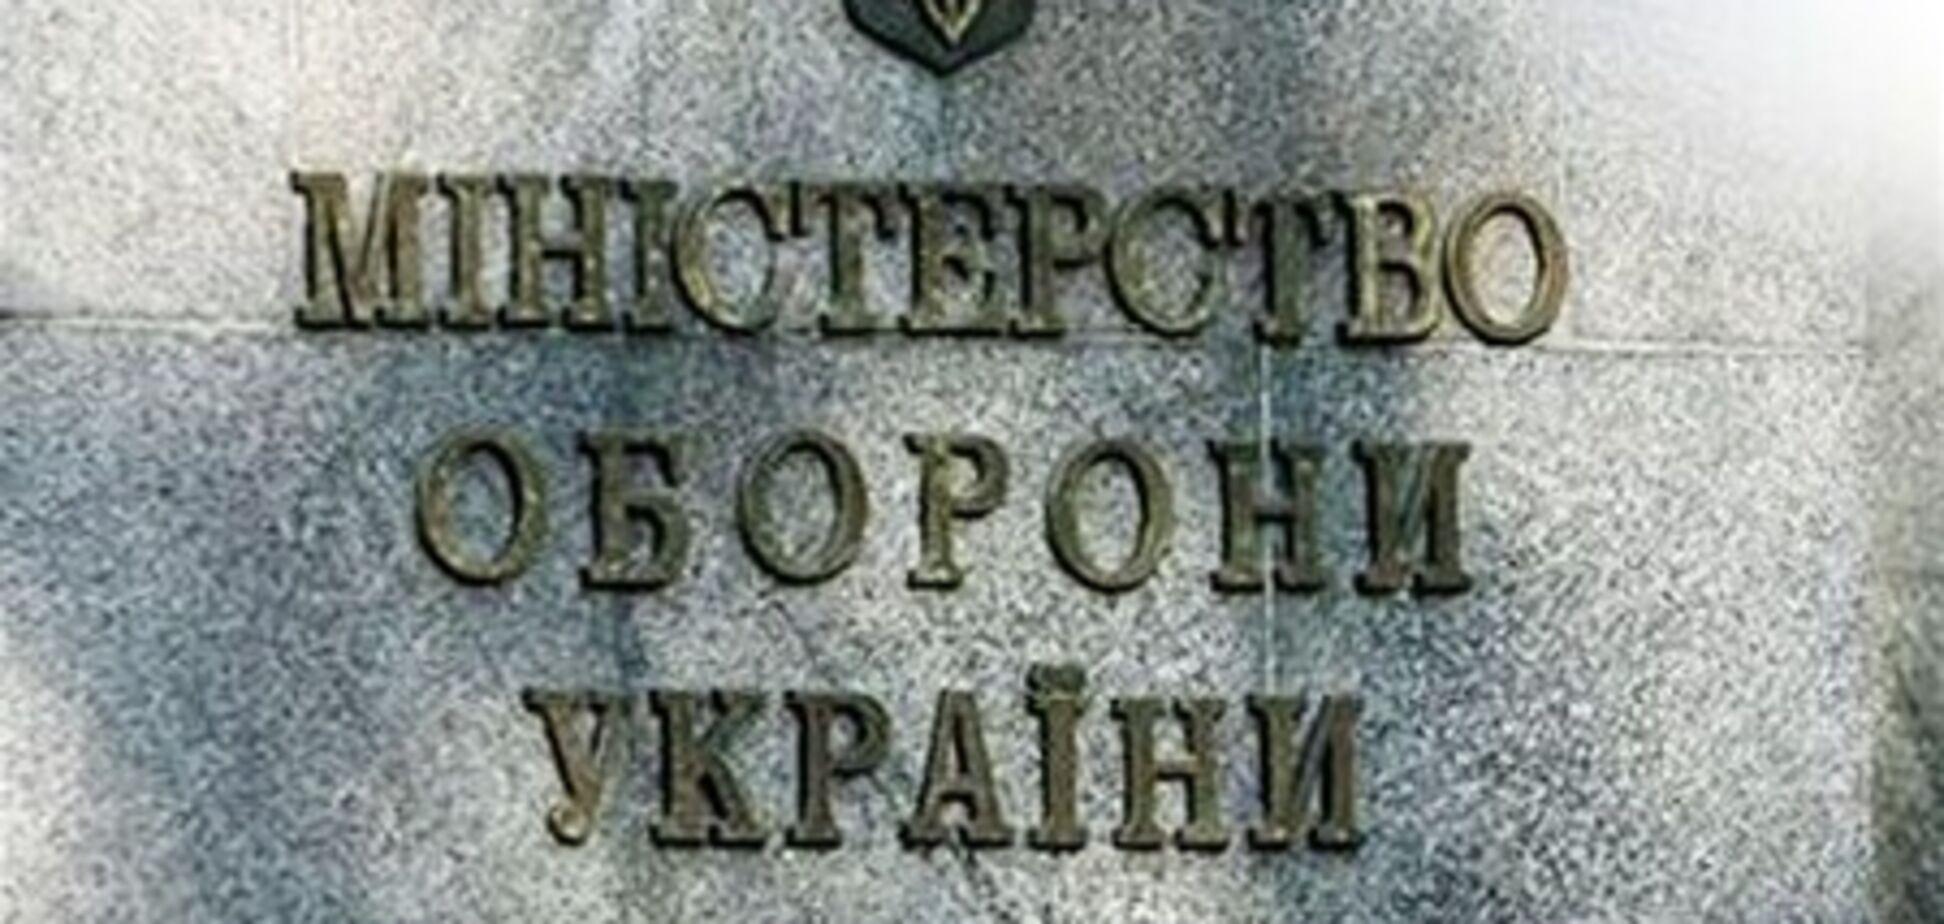 Из-за нападения на воинскую часть в Харьков вылетела опергруппа Минобороны